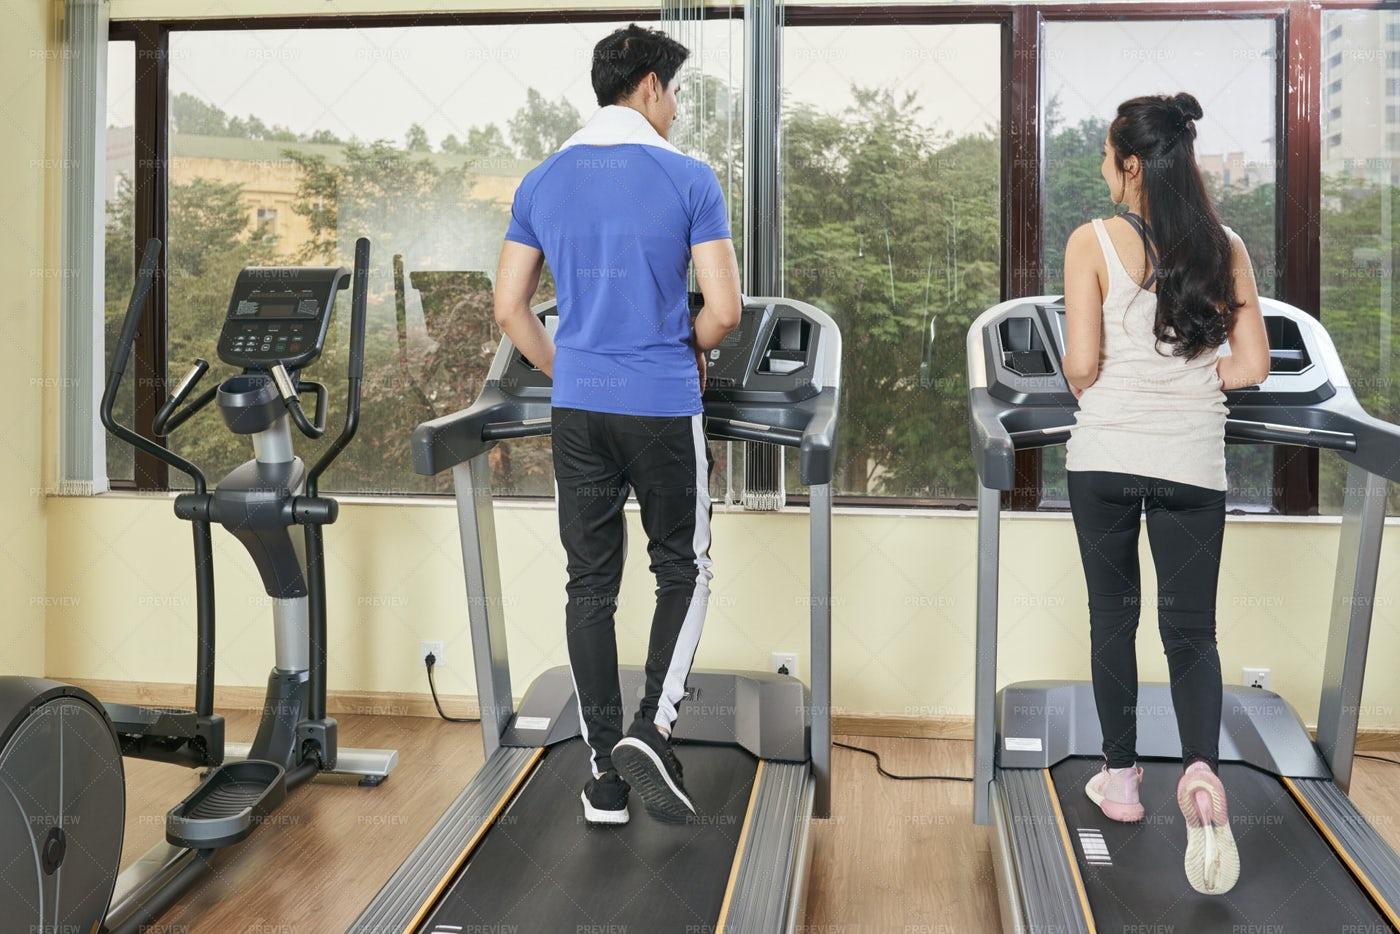 Couple Running On Treadmill: Stock Photos